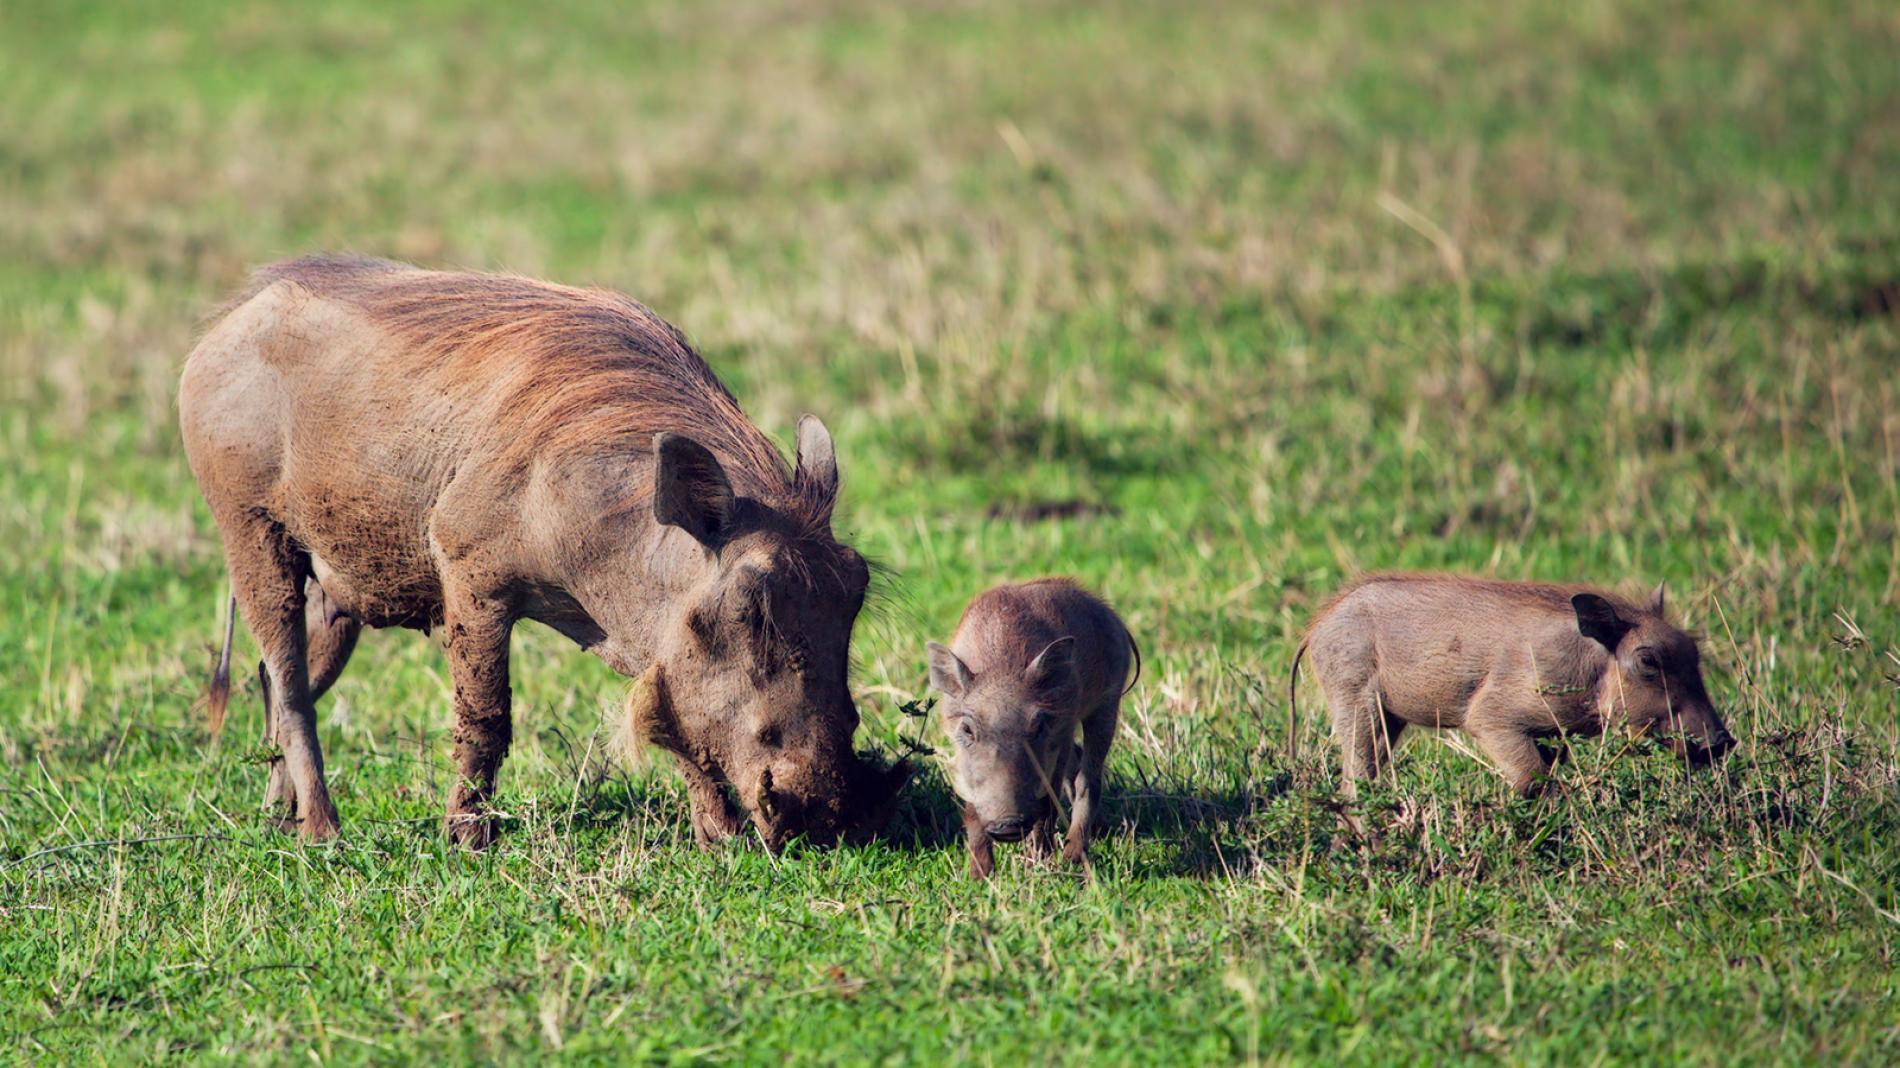 Nhân năm Kỷ Hợi tìm hiểu loài lợn cực thú vị: mang ngà như voi, lại có đến 4 cái - Ảnh 2.